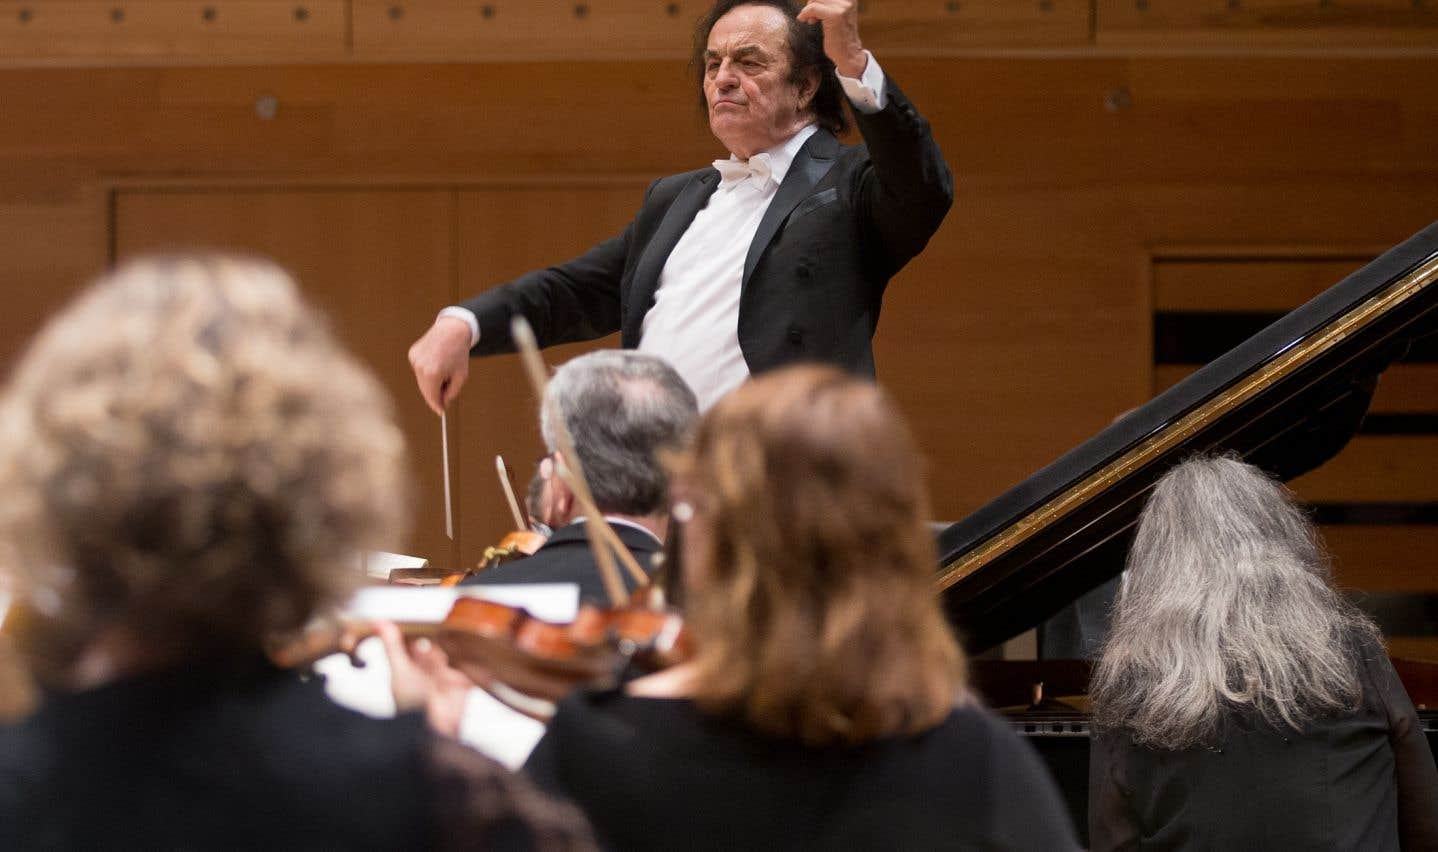 Des allégations d'inconduite sexuelle contre le chef d'orchestre Charles Dutoit